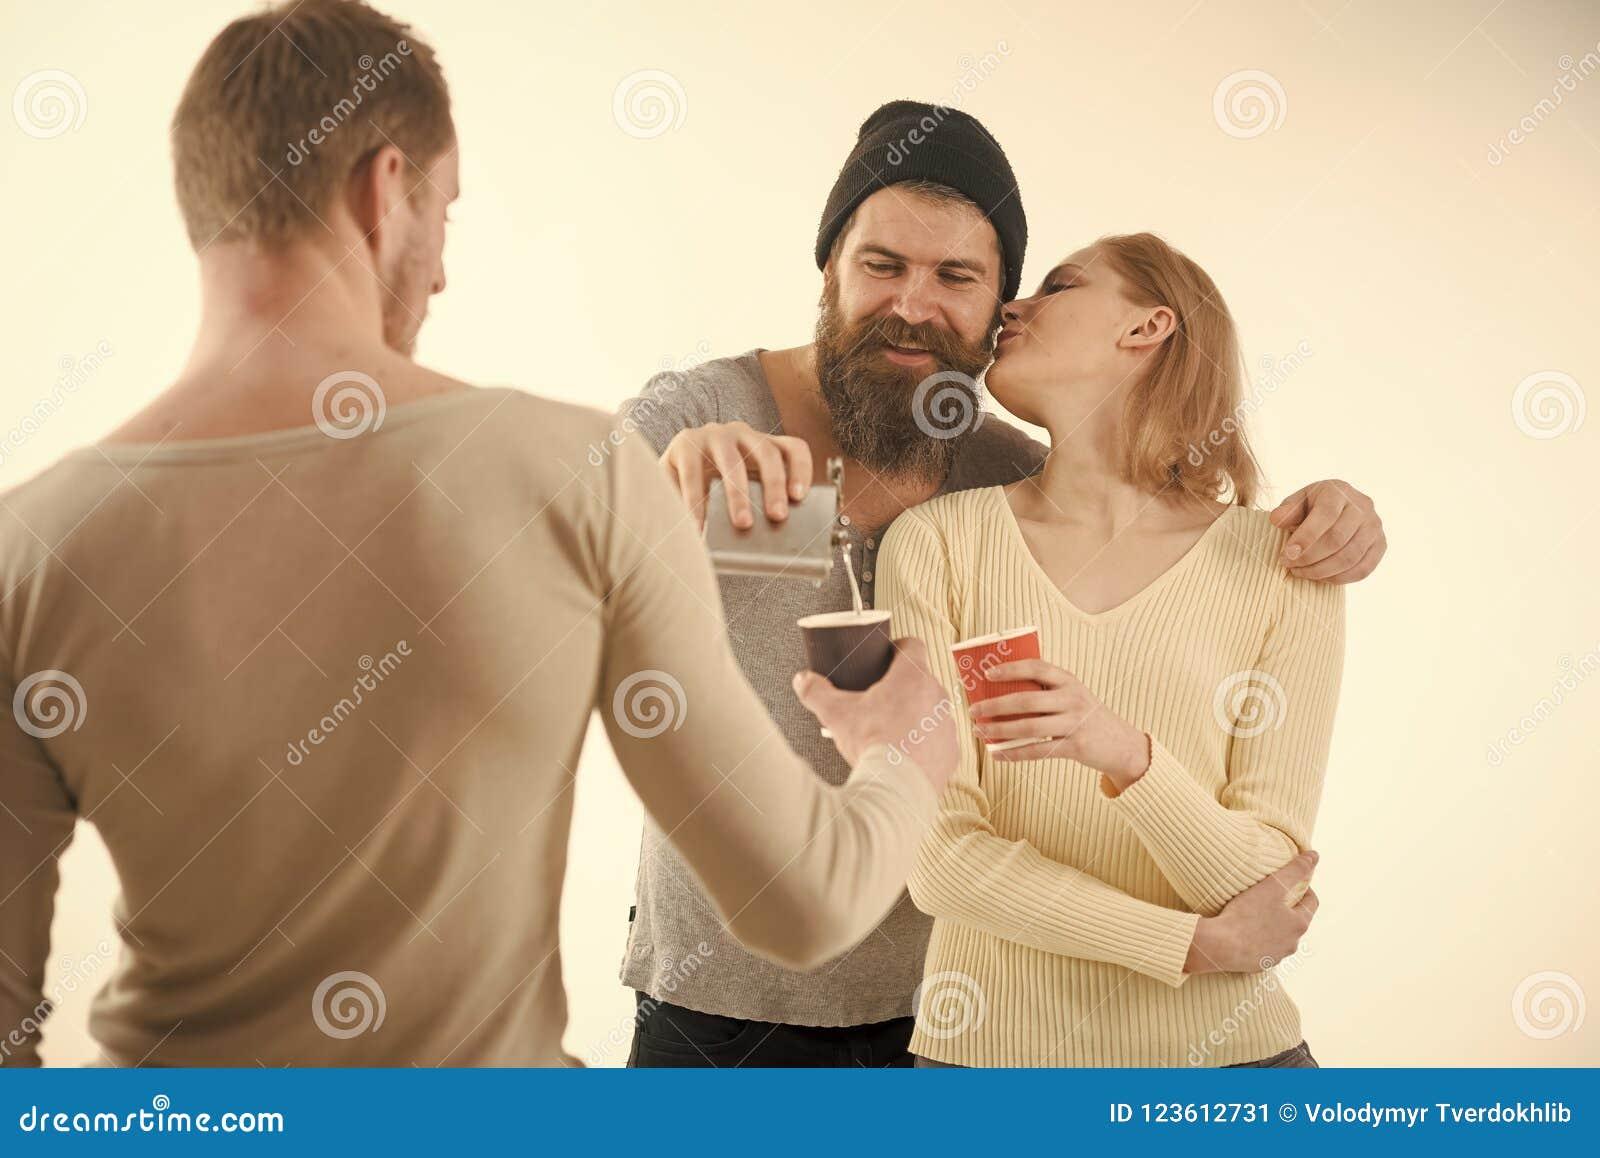 Firma von netten Freunden wenden Freizeit mit Getränken auf Kerle halten Schale, Flasche mit Alkohol, sprechen Spaß- und Freizeit